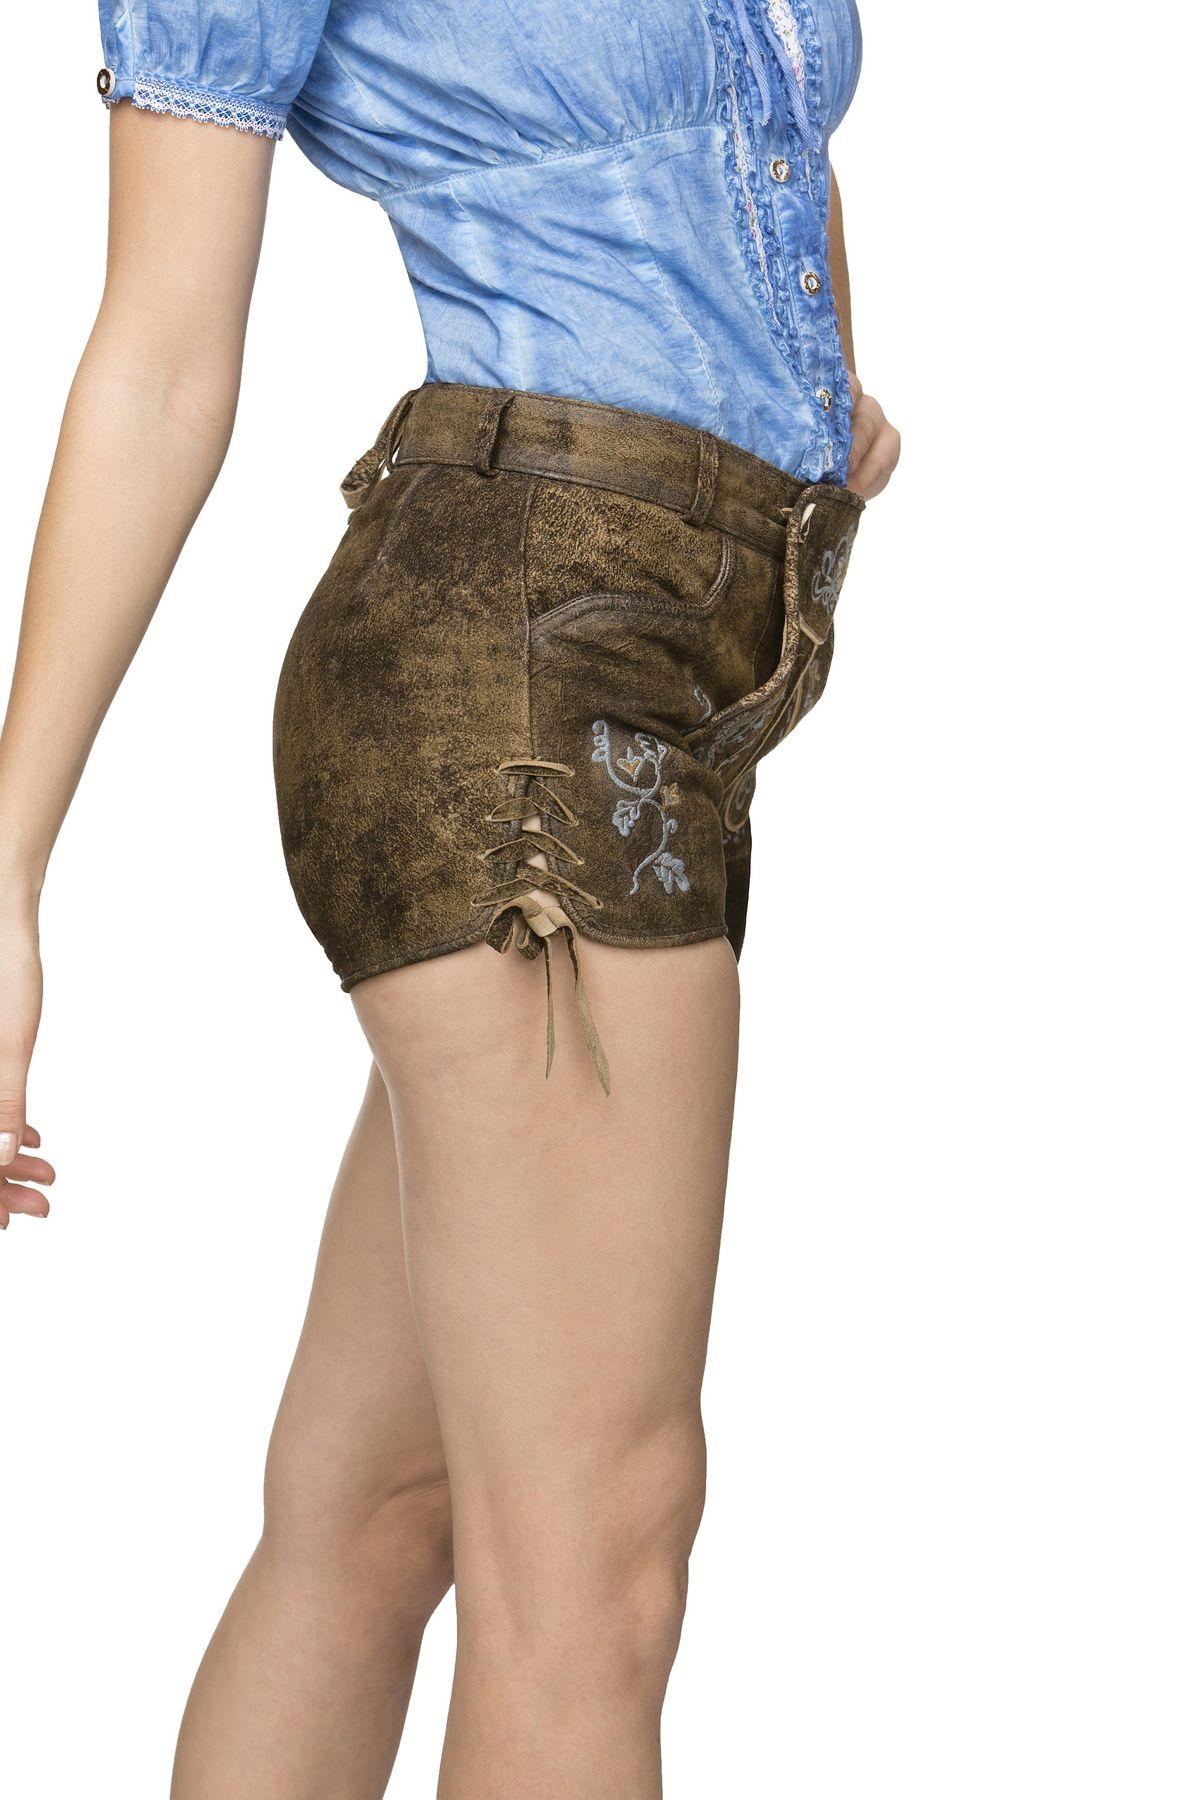 Stockerpoint - Damen Trachten Lederhose kurz, Xenia – Bild 14